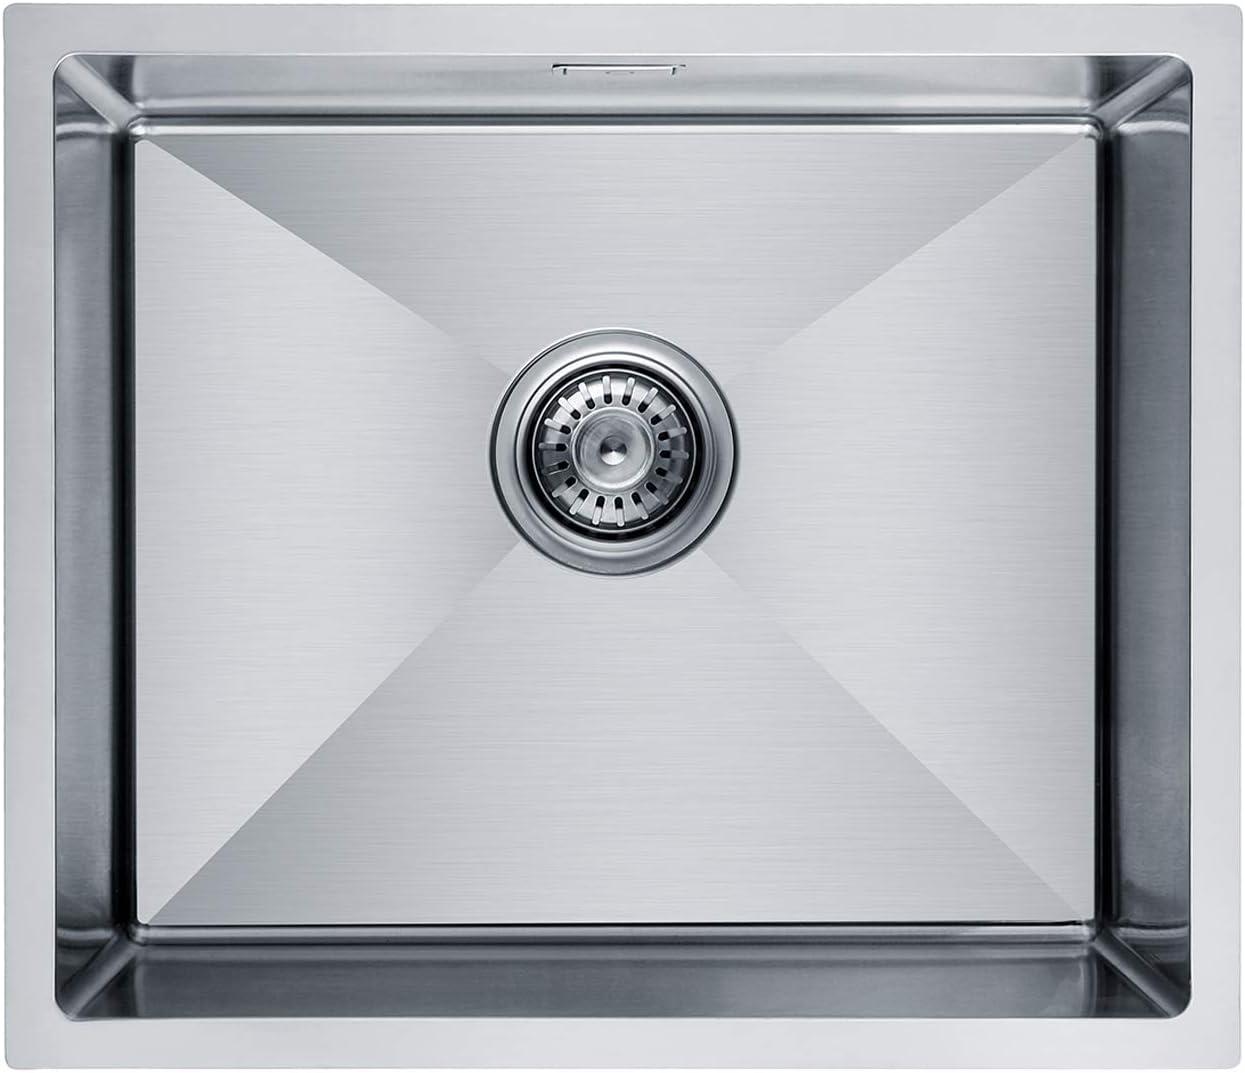 CECIPA Fregadero de Cocina un Seno,50cm*43 cm, Incluyendo Rebosadero y Juego de Desagüe I Sobre Encimera o Enrasado… (Acero)